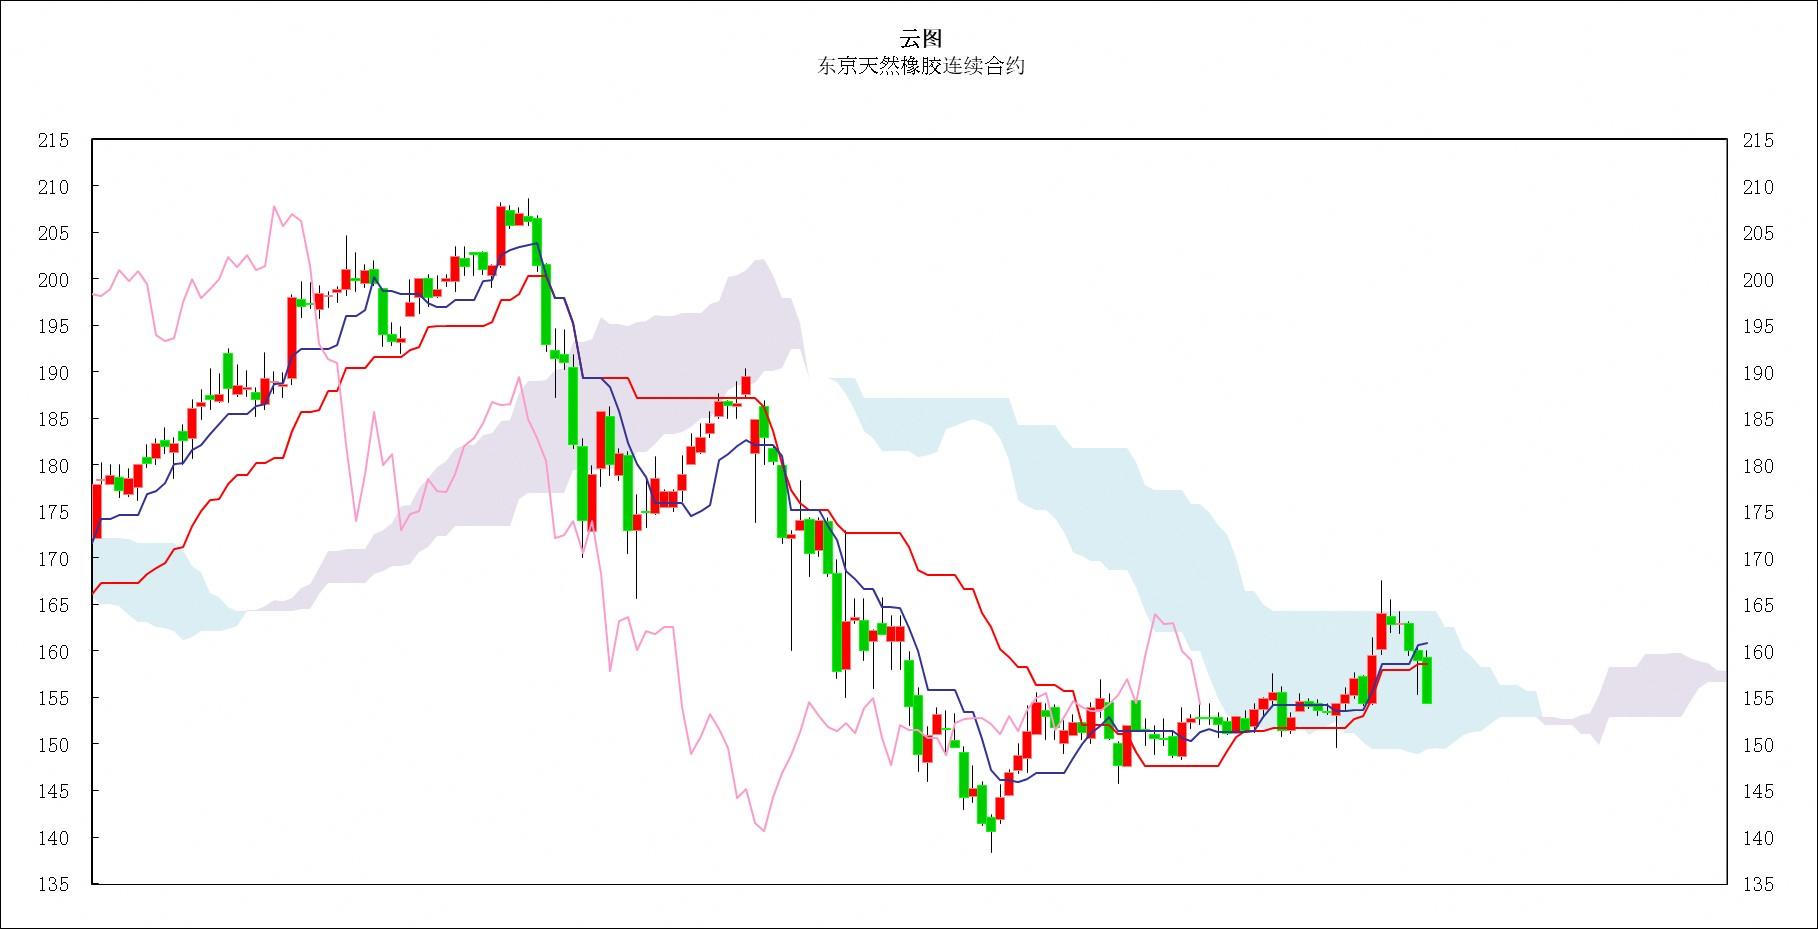 日本商品市场日评:东京黄金价格小幅振荡,橡胶市场继续下跌